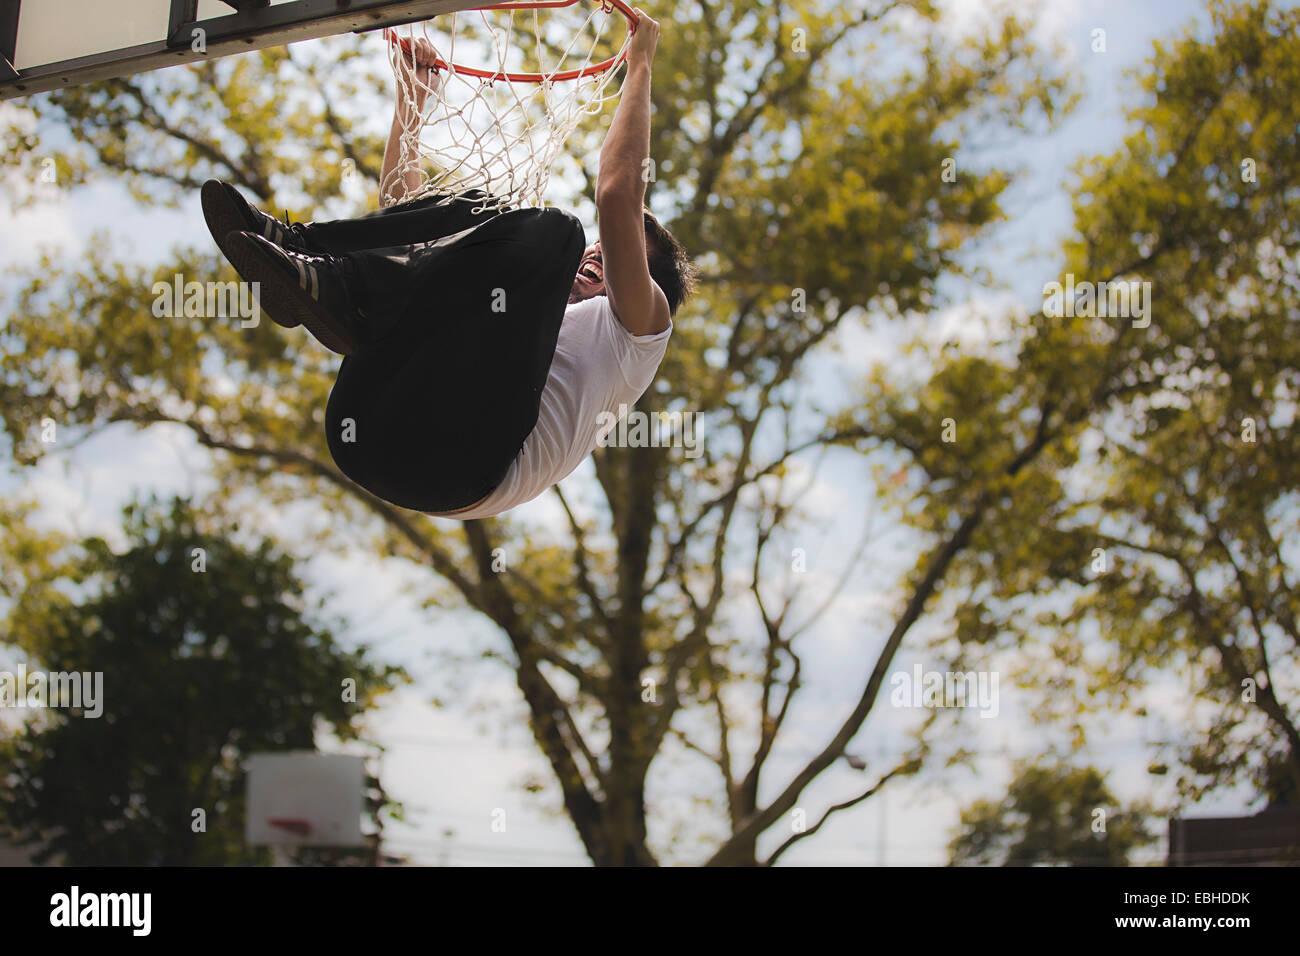 Niedrigen Winkel Ansicht der jungen männlichen Basketball hängend Basketballkorb Stockbild